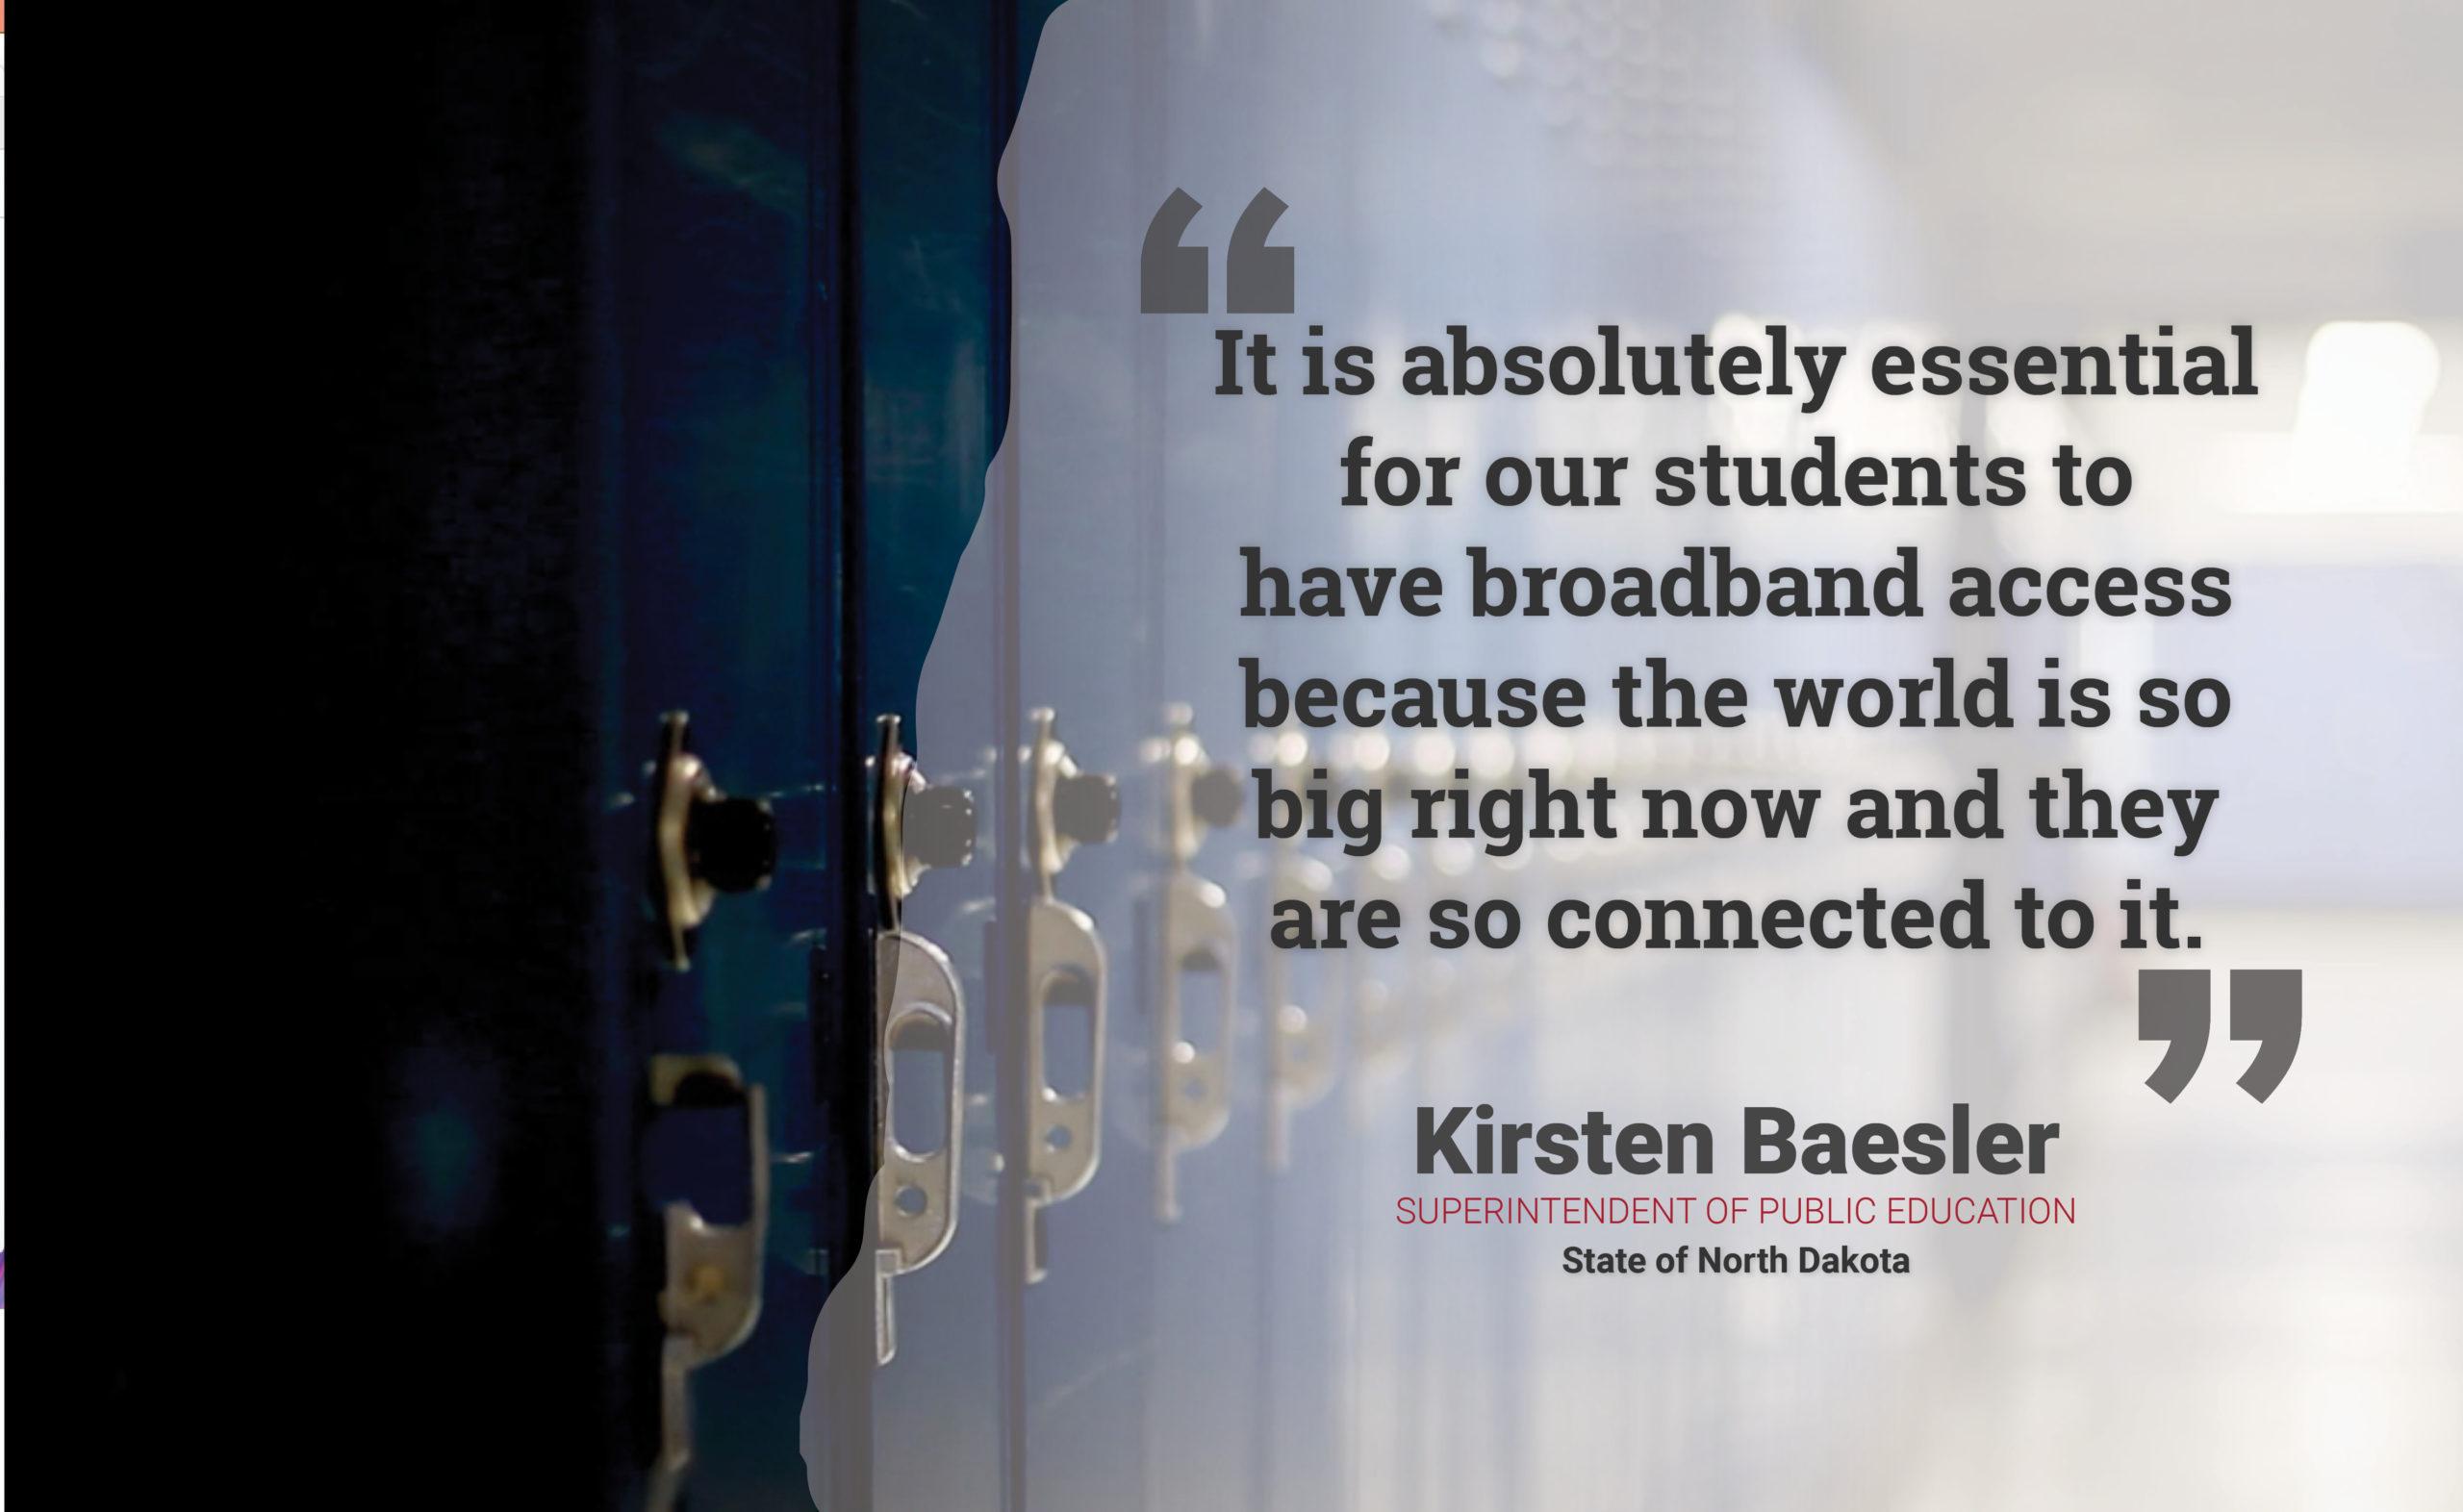 Kirsten Baesler quote